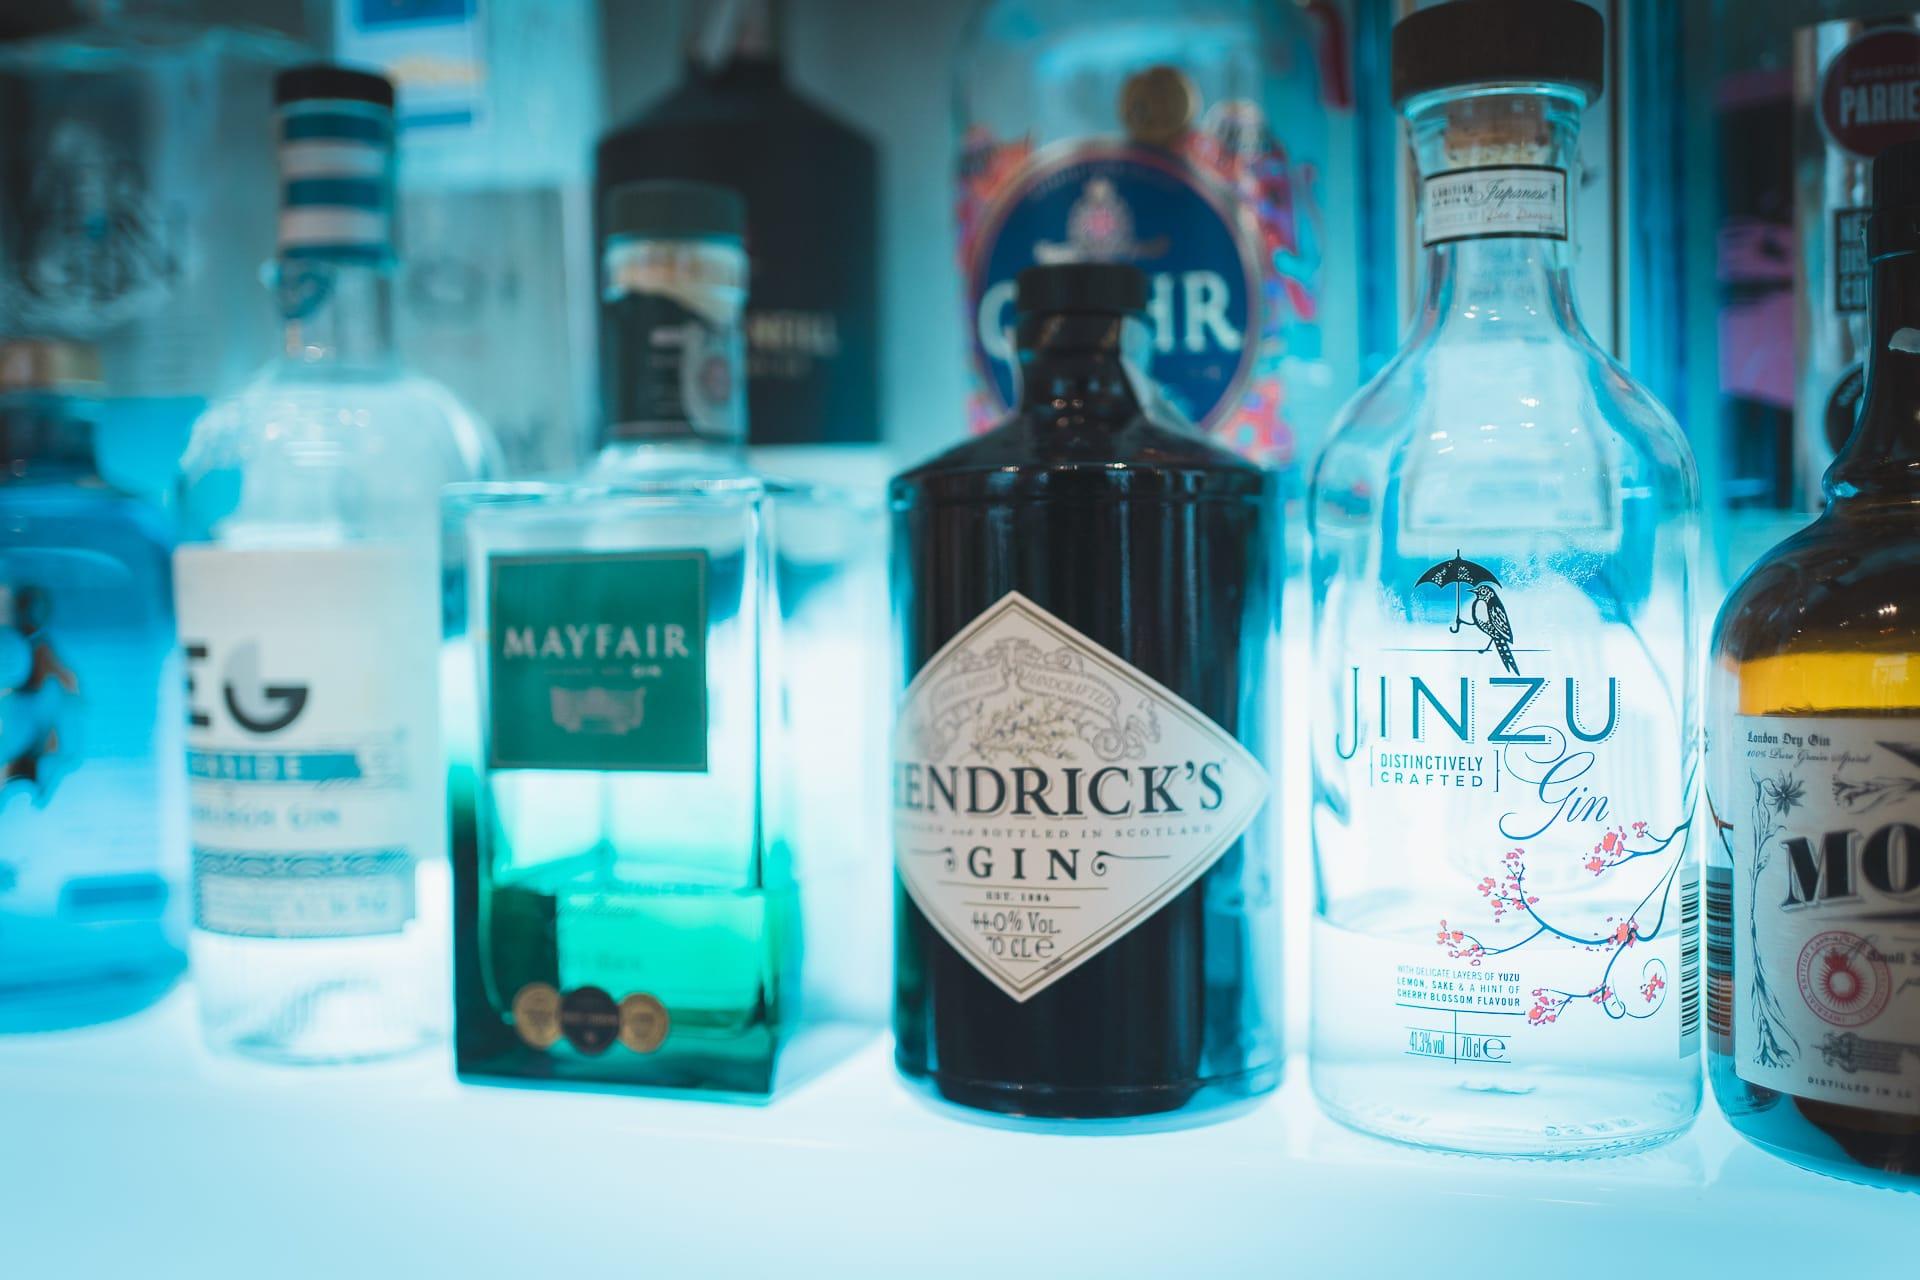 Bottiglie di gin pregiati su scaffale illuminato con luce azzurra